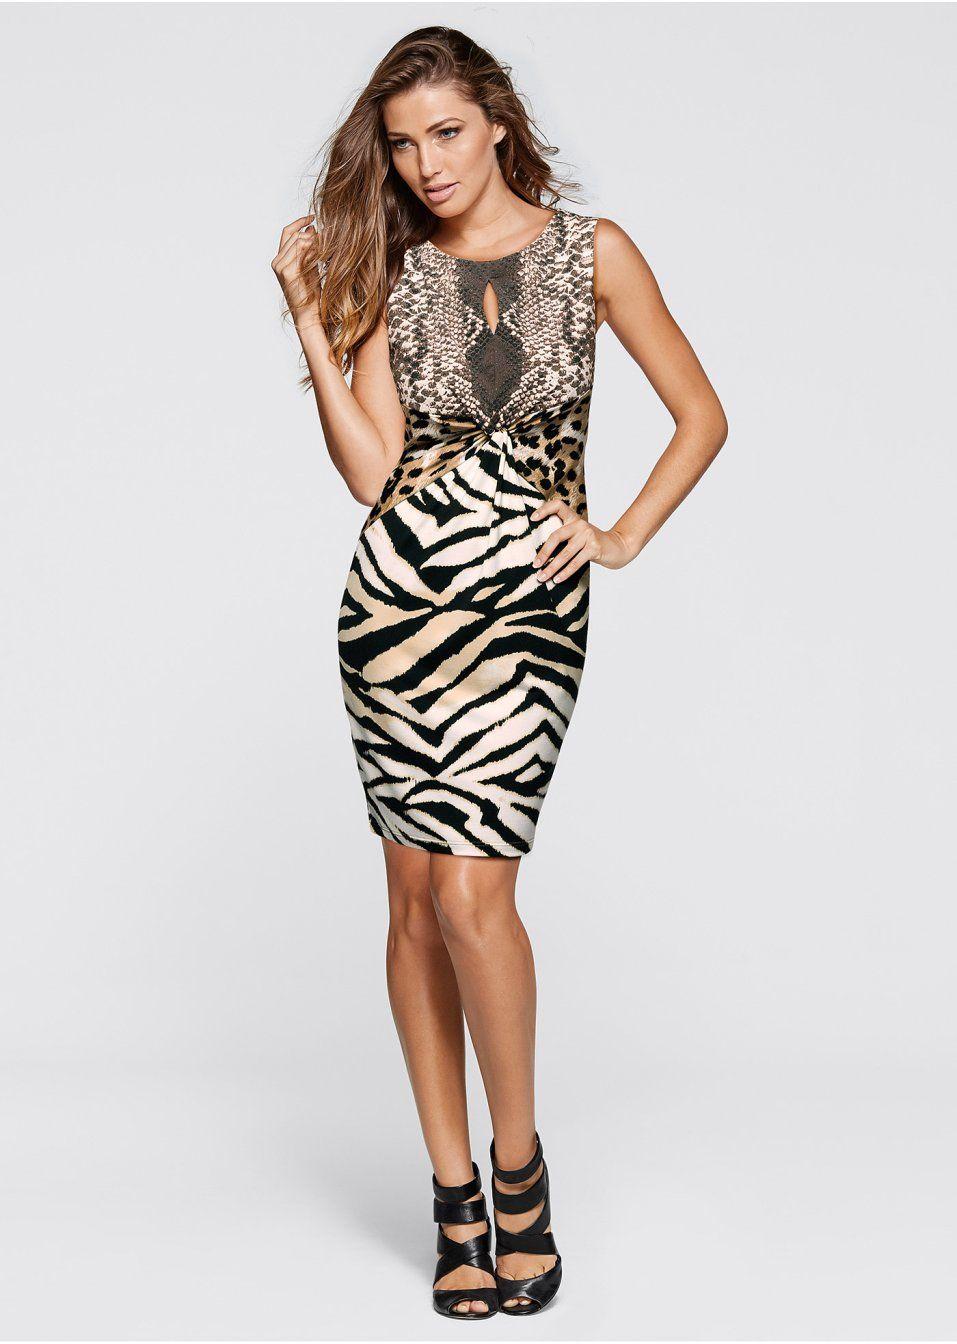 d5a5cc4a669a5 Elbise kaplan desenli kahve/siyah - Kadın - bonprix.com.tr | Dresses ...